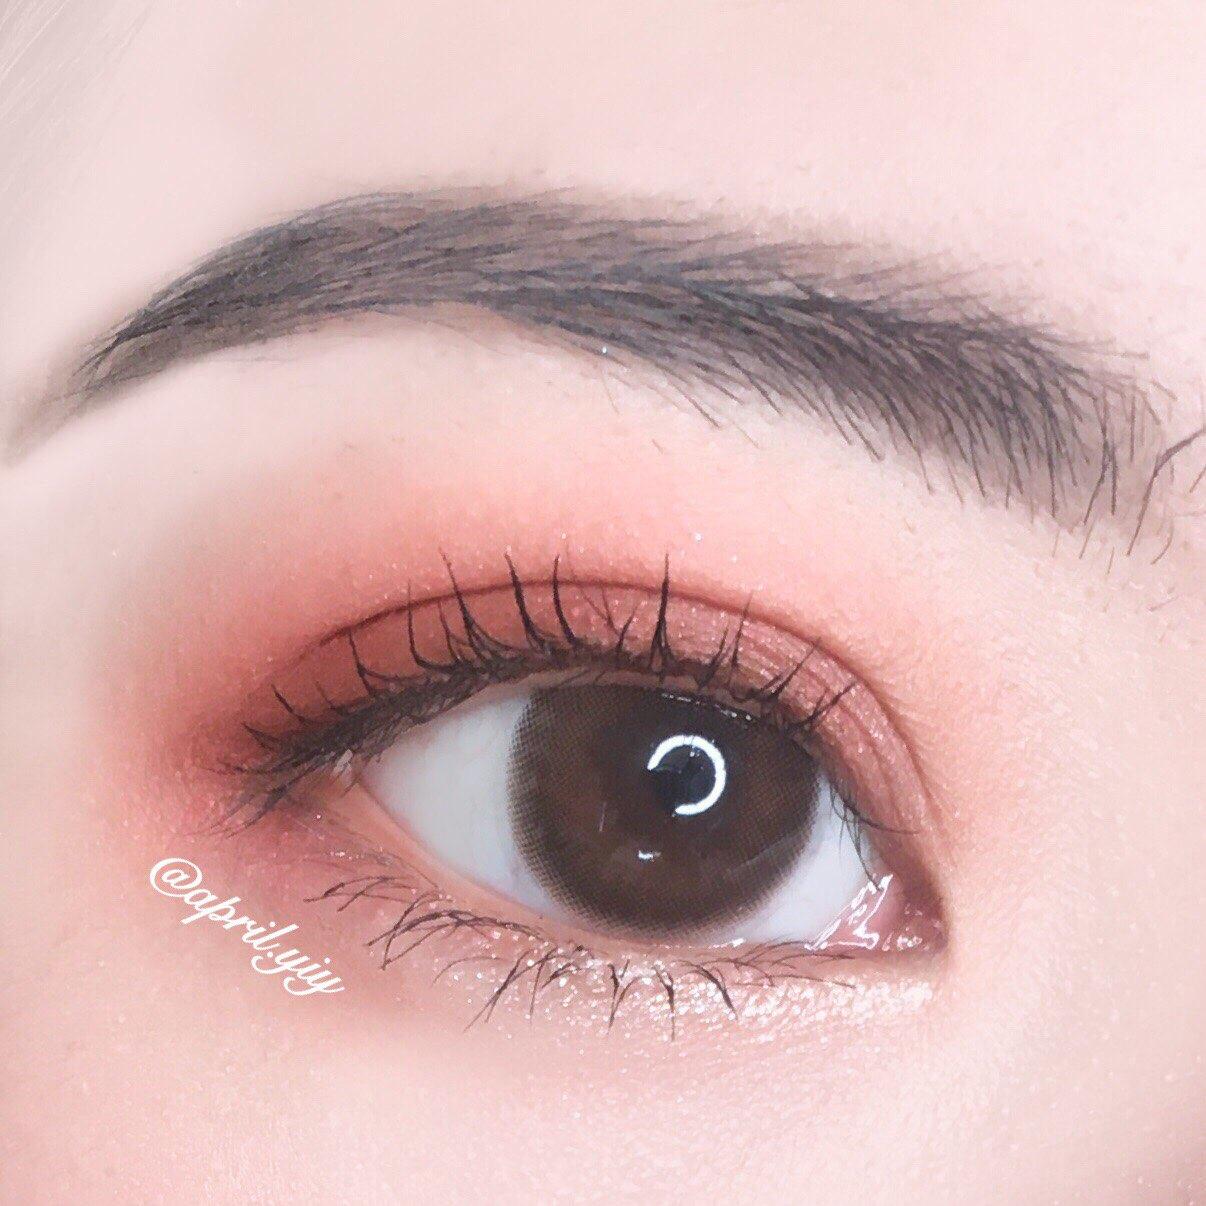 而眼線的部分將睫毛根部的空洞填補起來就可以了,如果想在眼尾拉出眼線,切順者眼形往下拉出的眼線會更加的自然,往上勾起的眼線會顯得比較有個性也比較有距離感,睫毛的部分不需要講求非常濃密,根根分明的感覺會更清新自然。